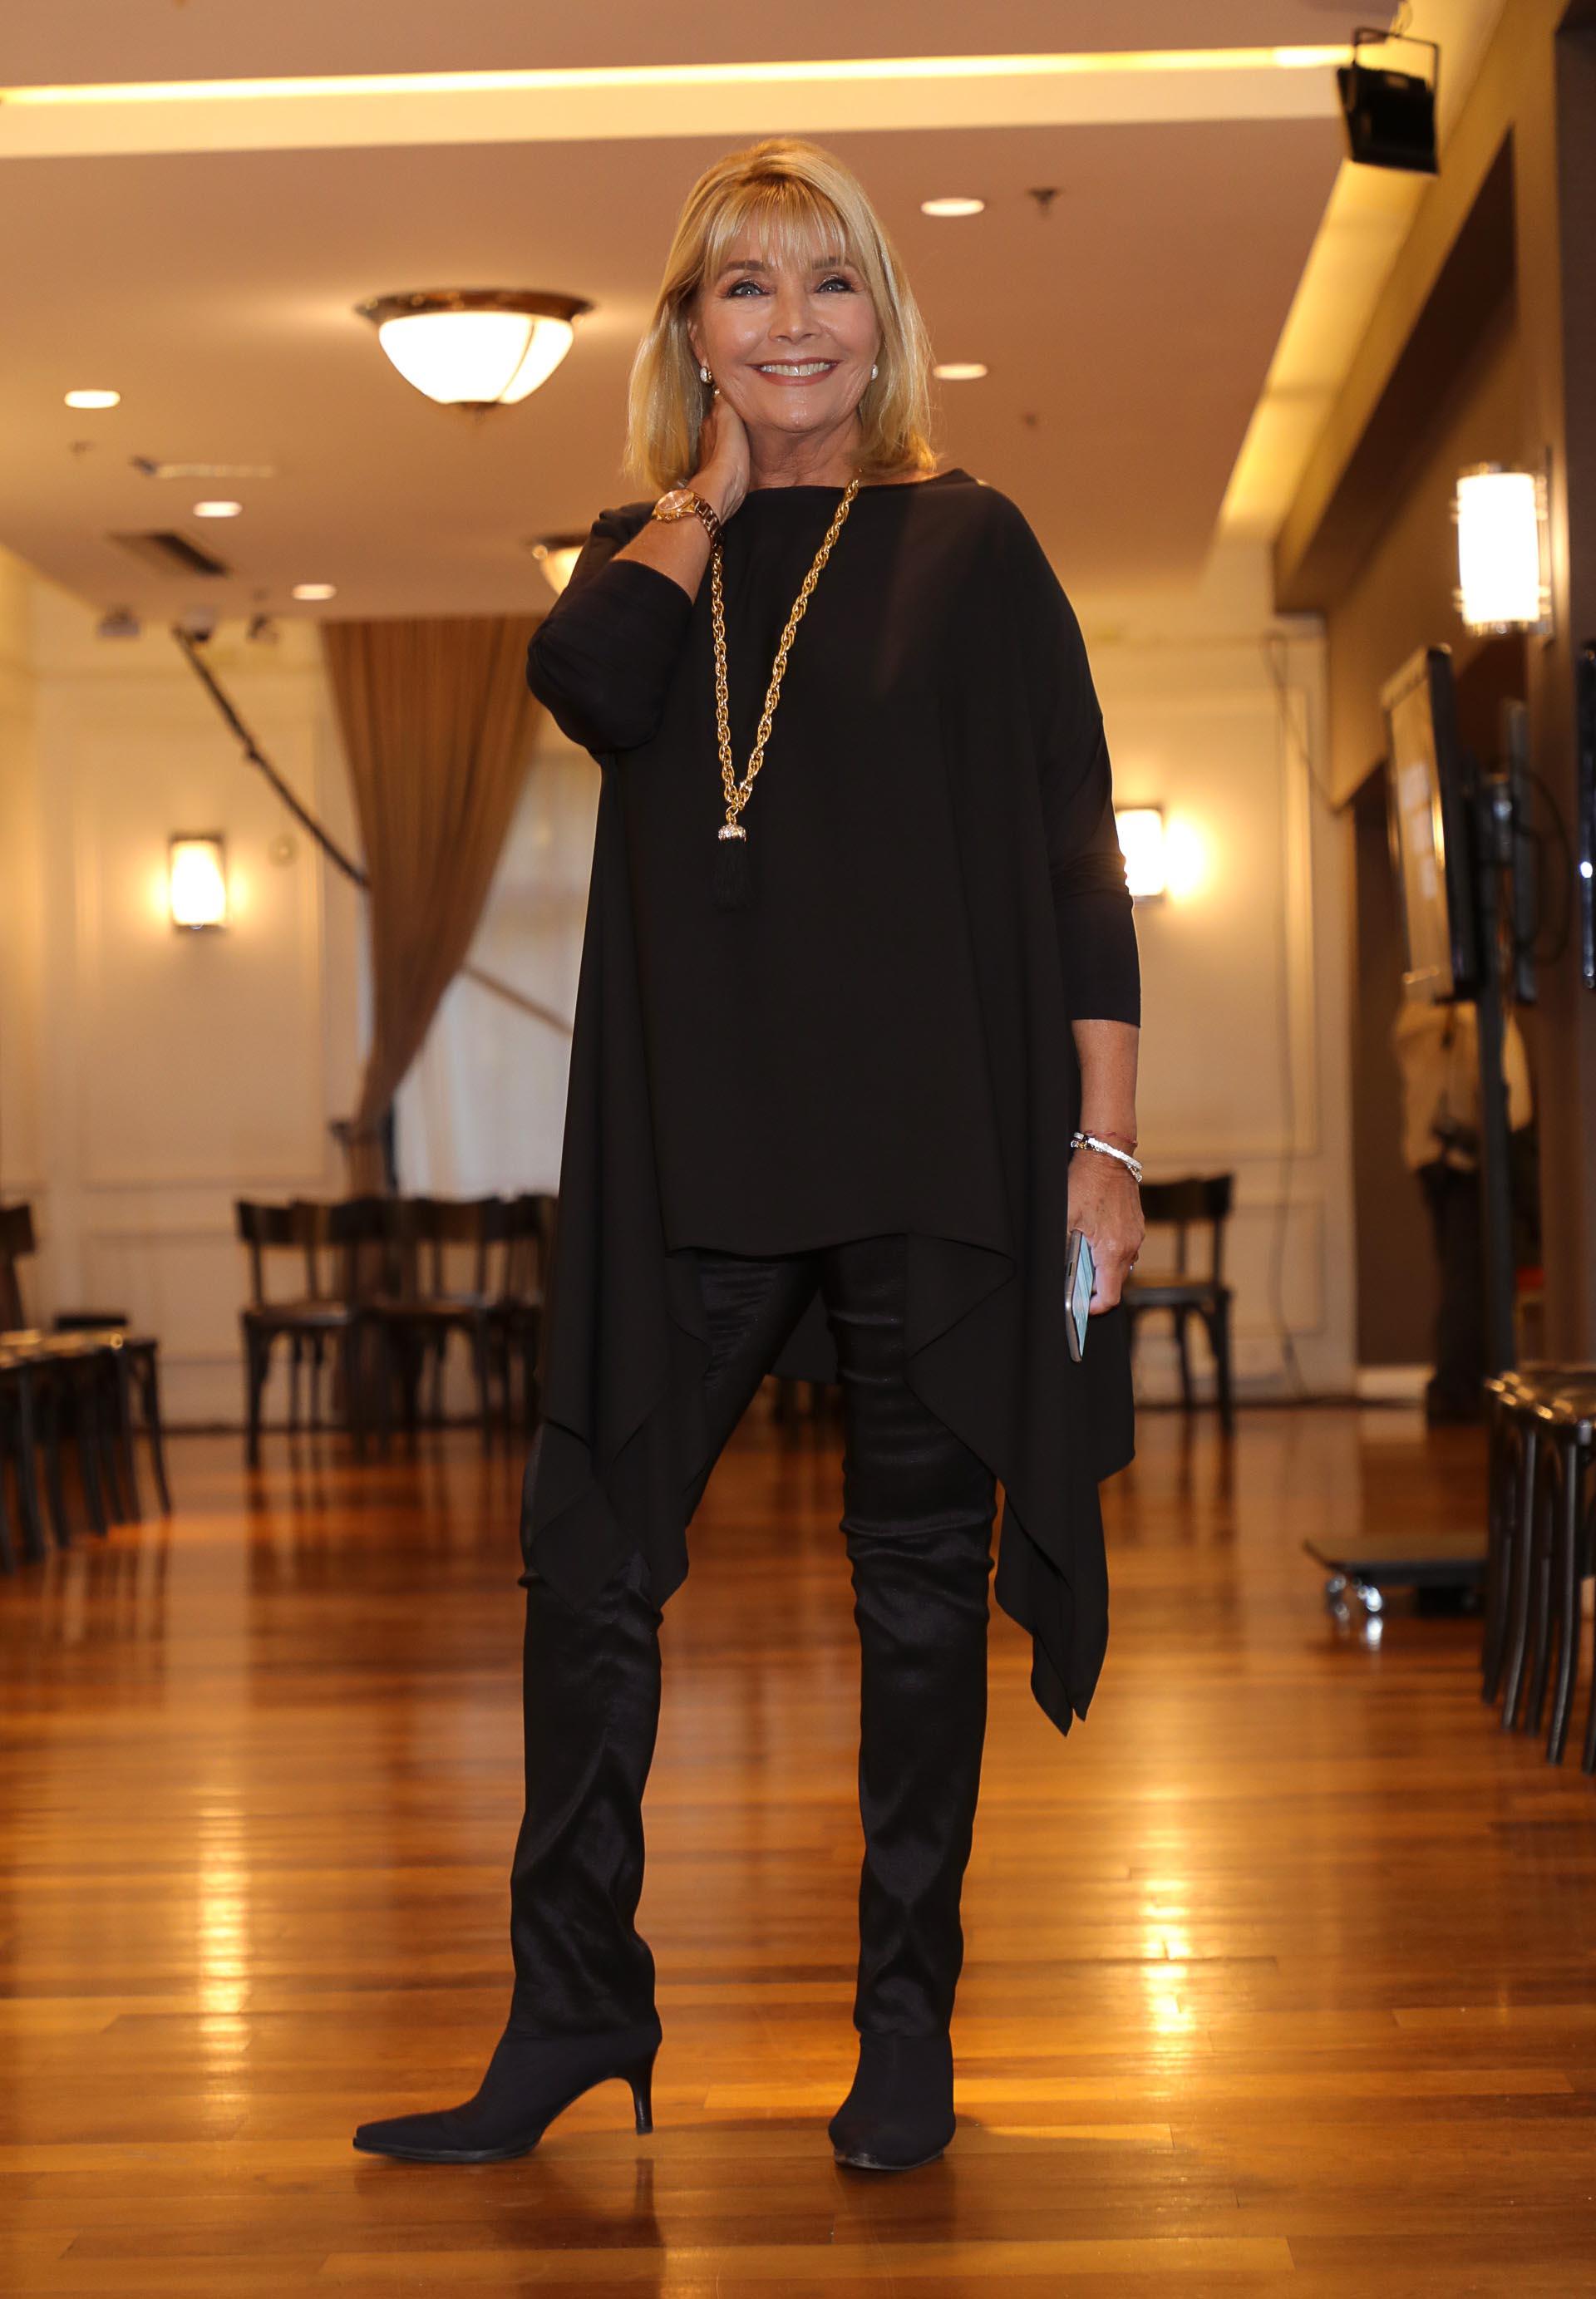 Adriana Costantinipresentó su colección 80´s Style para el otoño invierno 2019. La propuesta refleja el espíritu de la moda de esa década con una paleta de colores se destacan los óxidos, y la gama de los colores rojizos hasta los púrpuras, acentos de color naranja fuego, se complementan con la neutralidad de los grises y los azules clásicos del denim. Túnicas, vestidos y sportwear forman parte de las creaciones